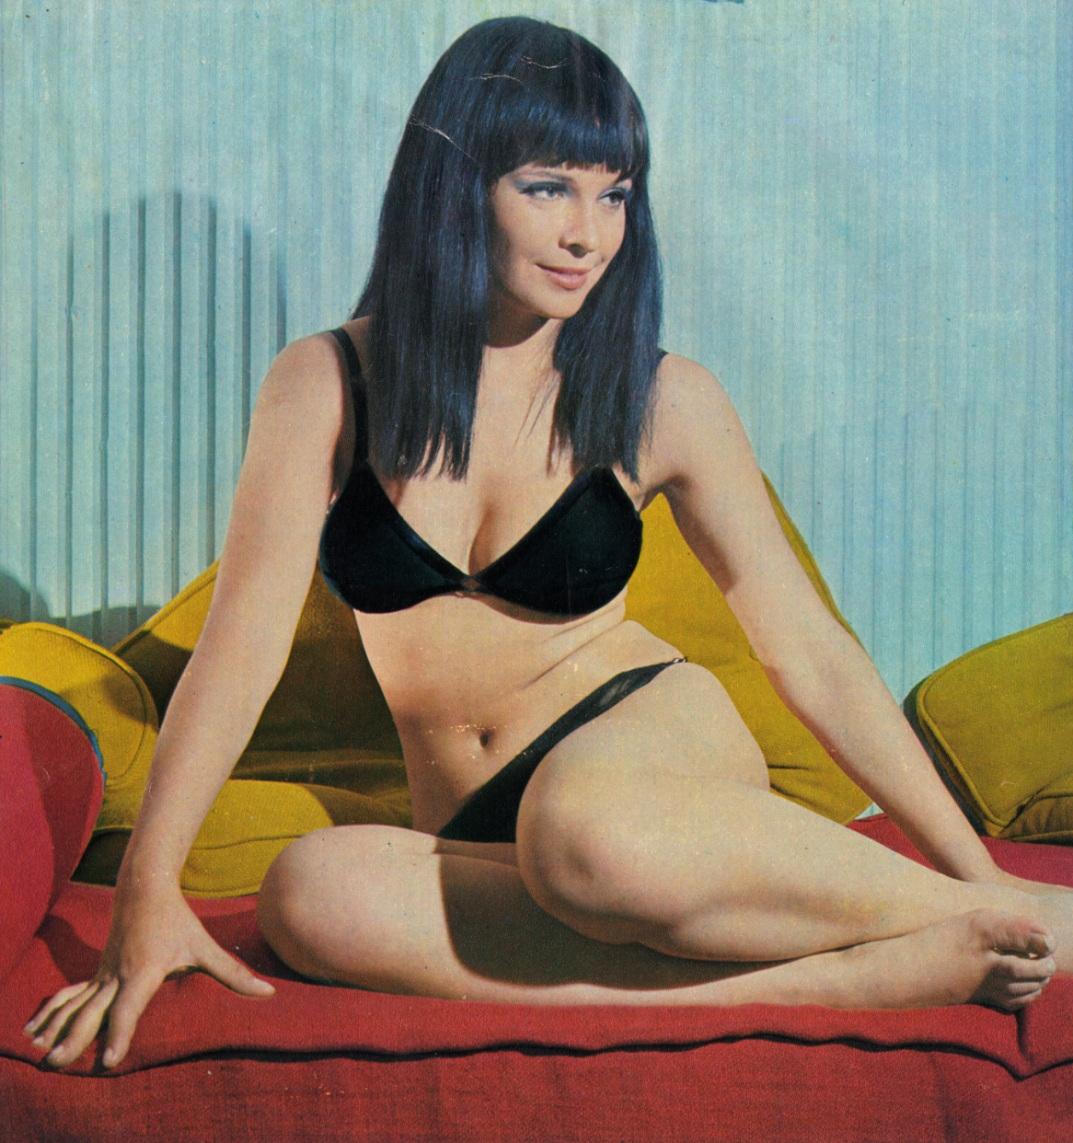 Laura Antonelli primi anni '70